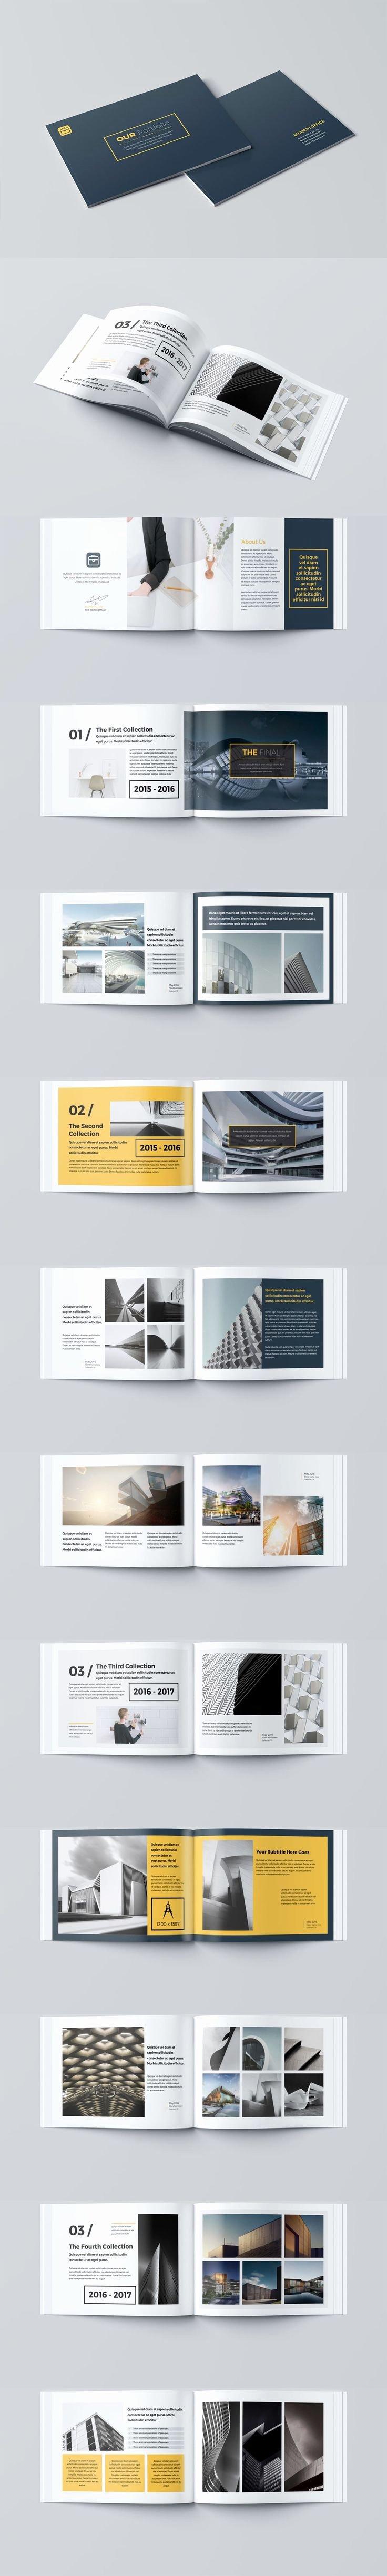 Architecture Portfolio Template Indesign Awesome Best 25 Architecture Portfolio Layout Ideas On Pinterest